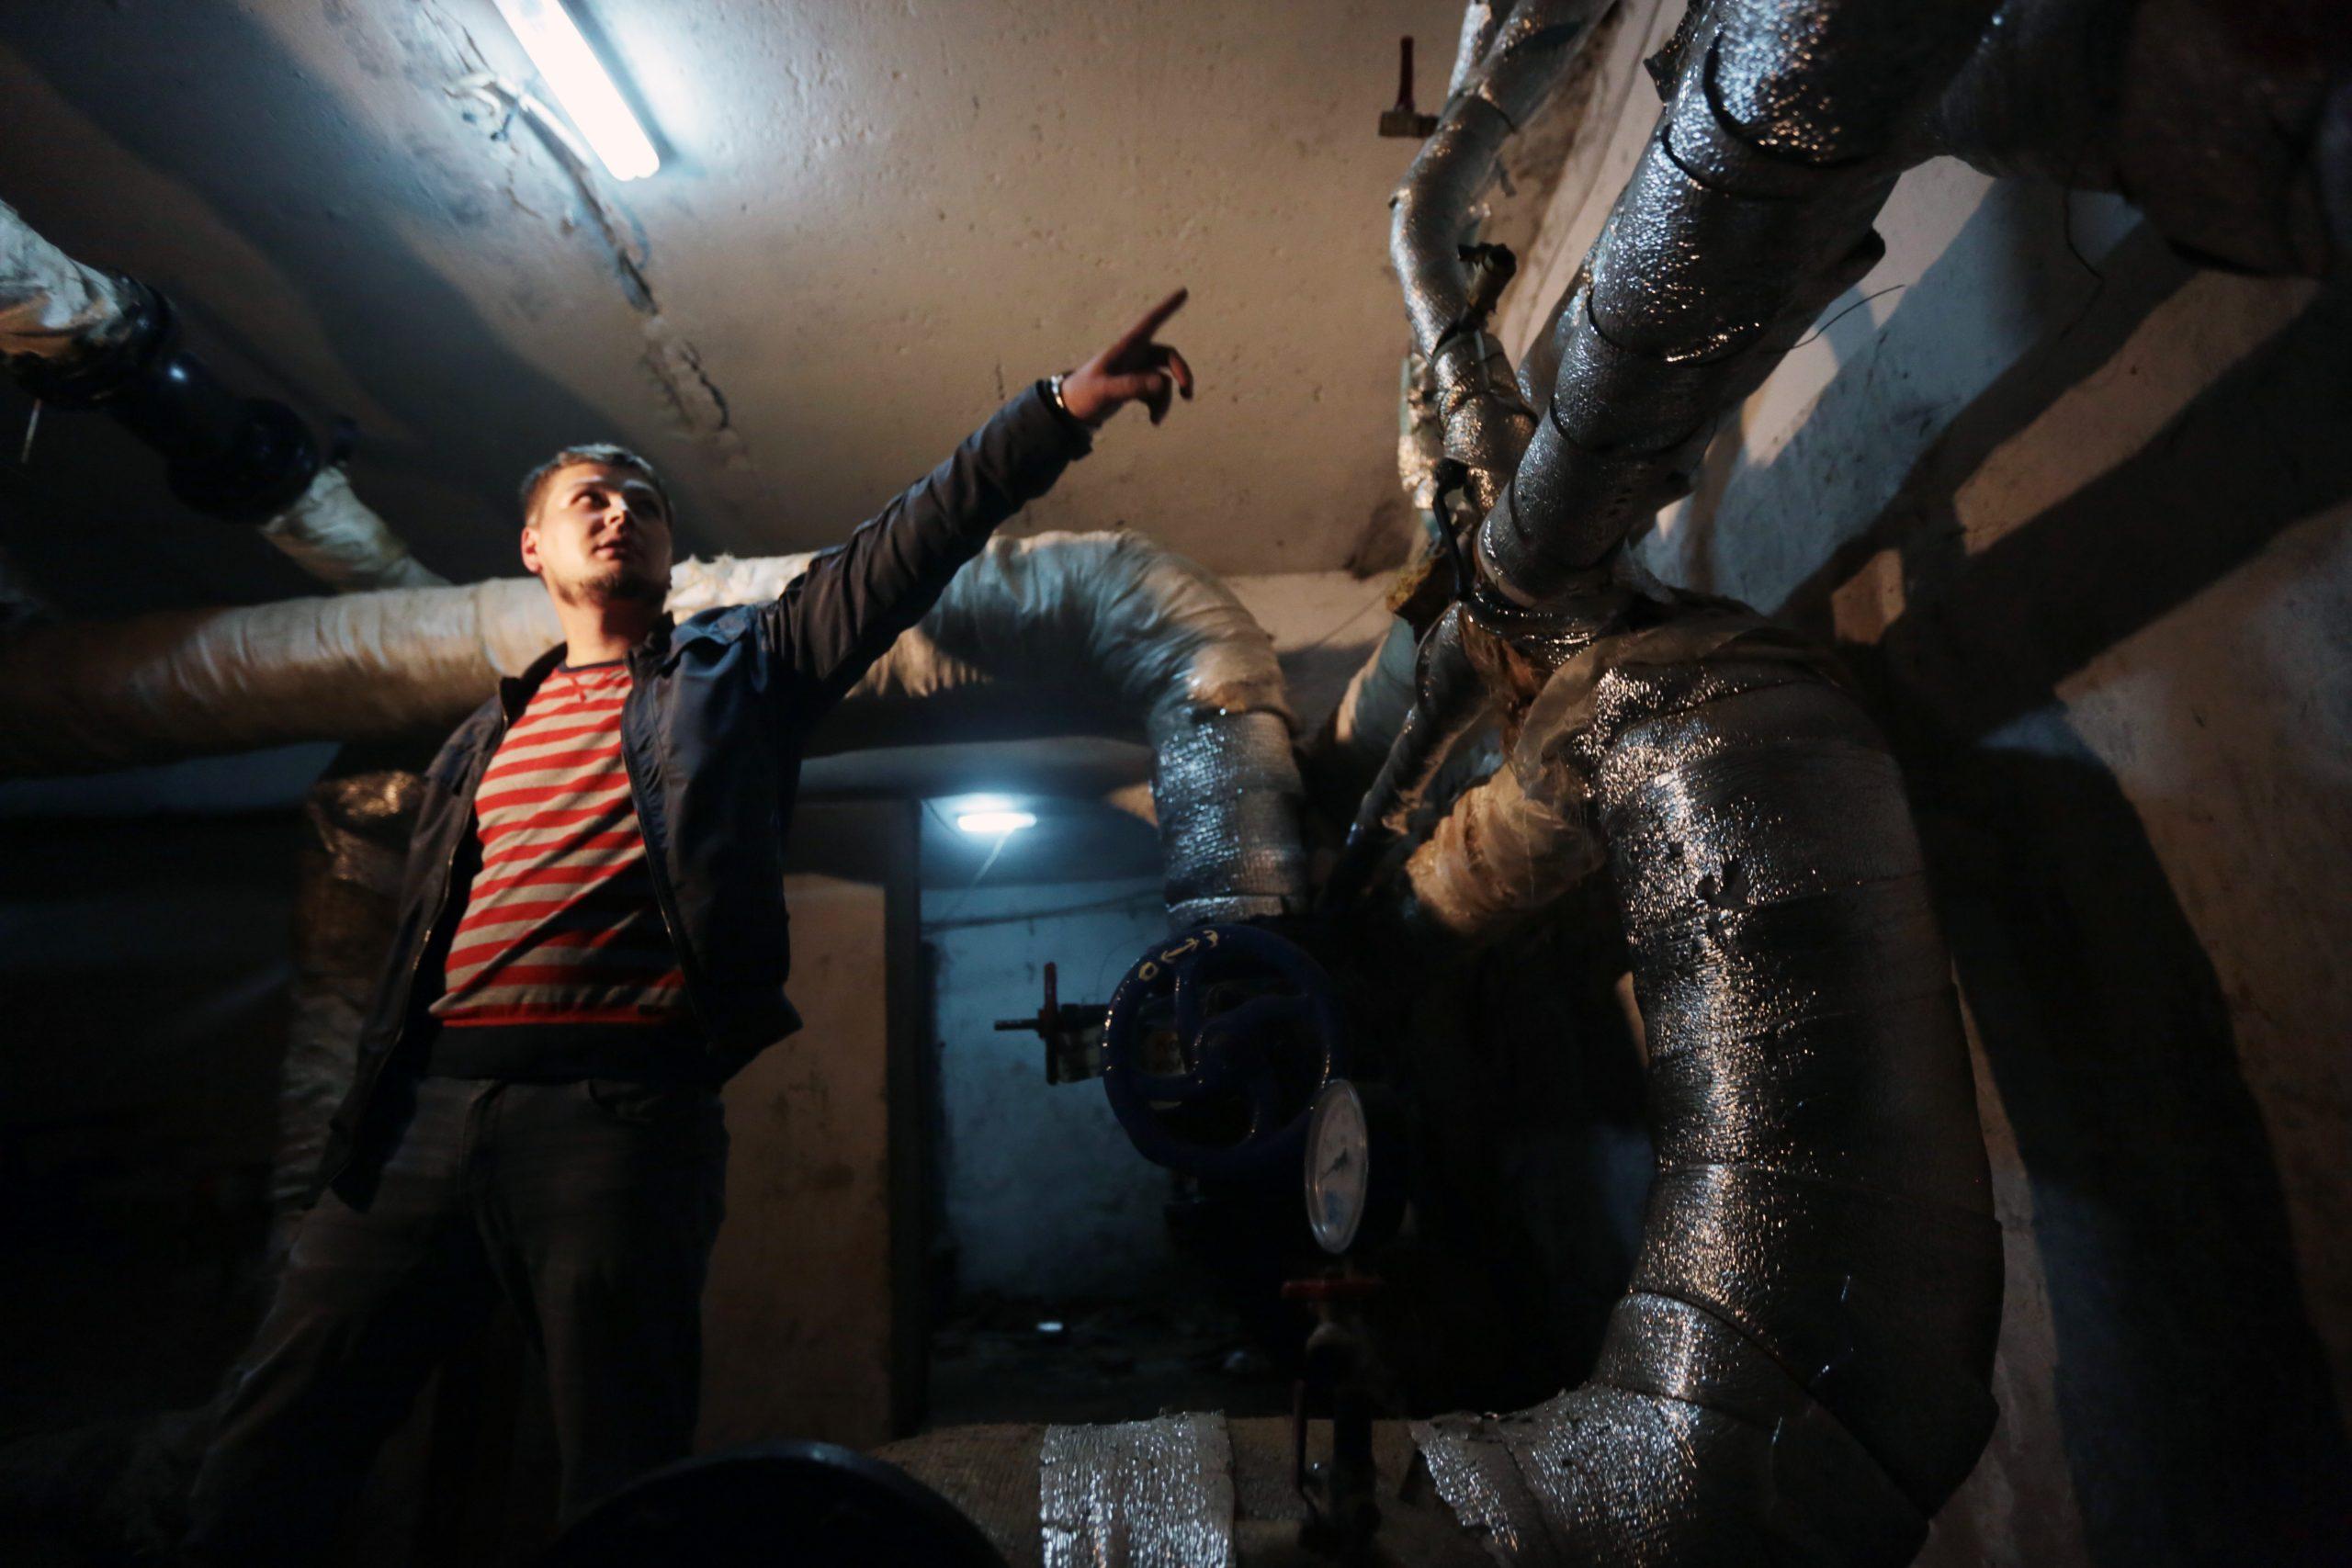 Чердаки и подвалы опечатали в Чертанове Центральном